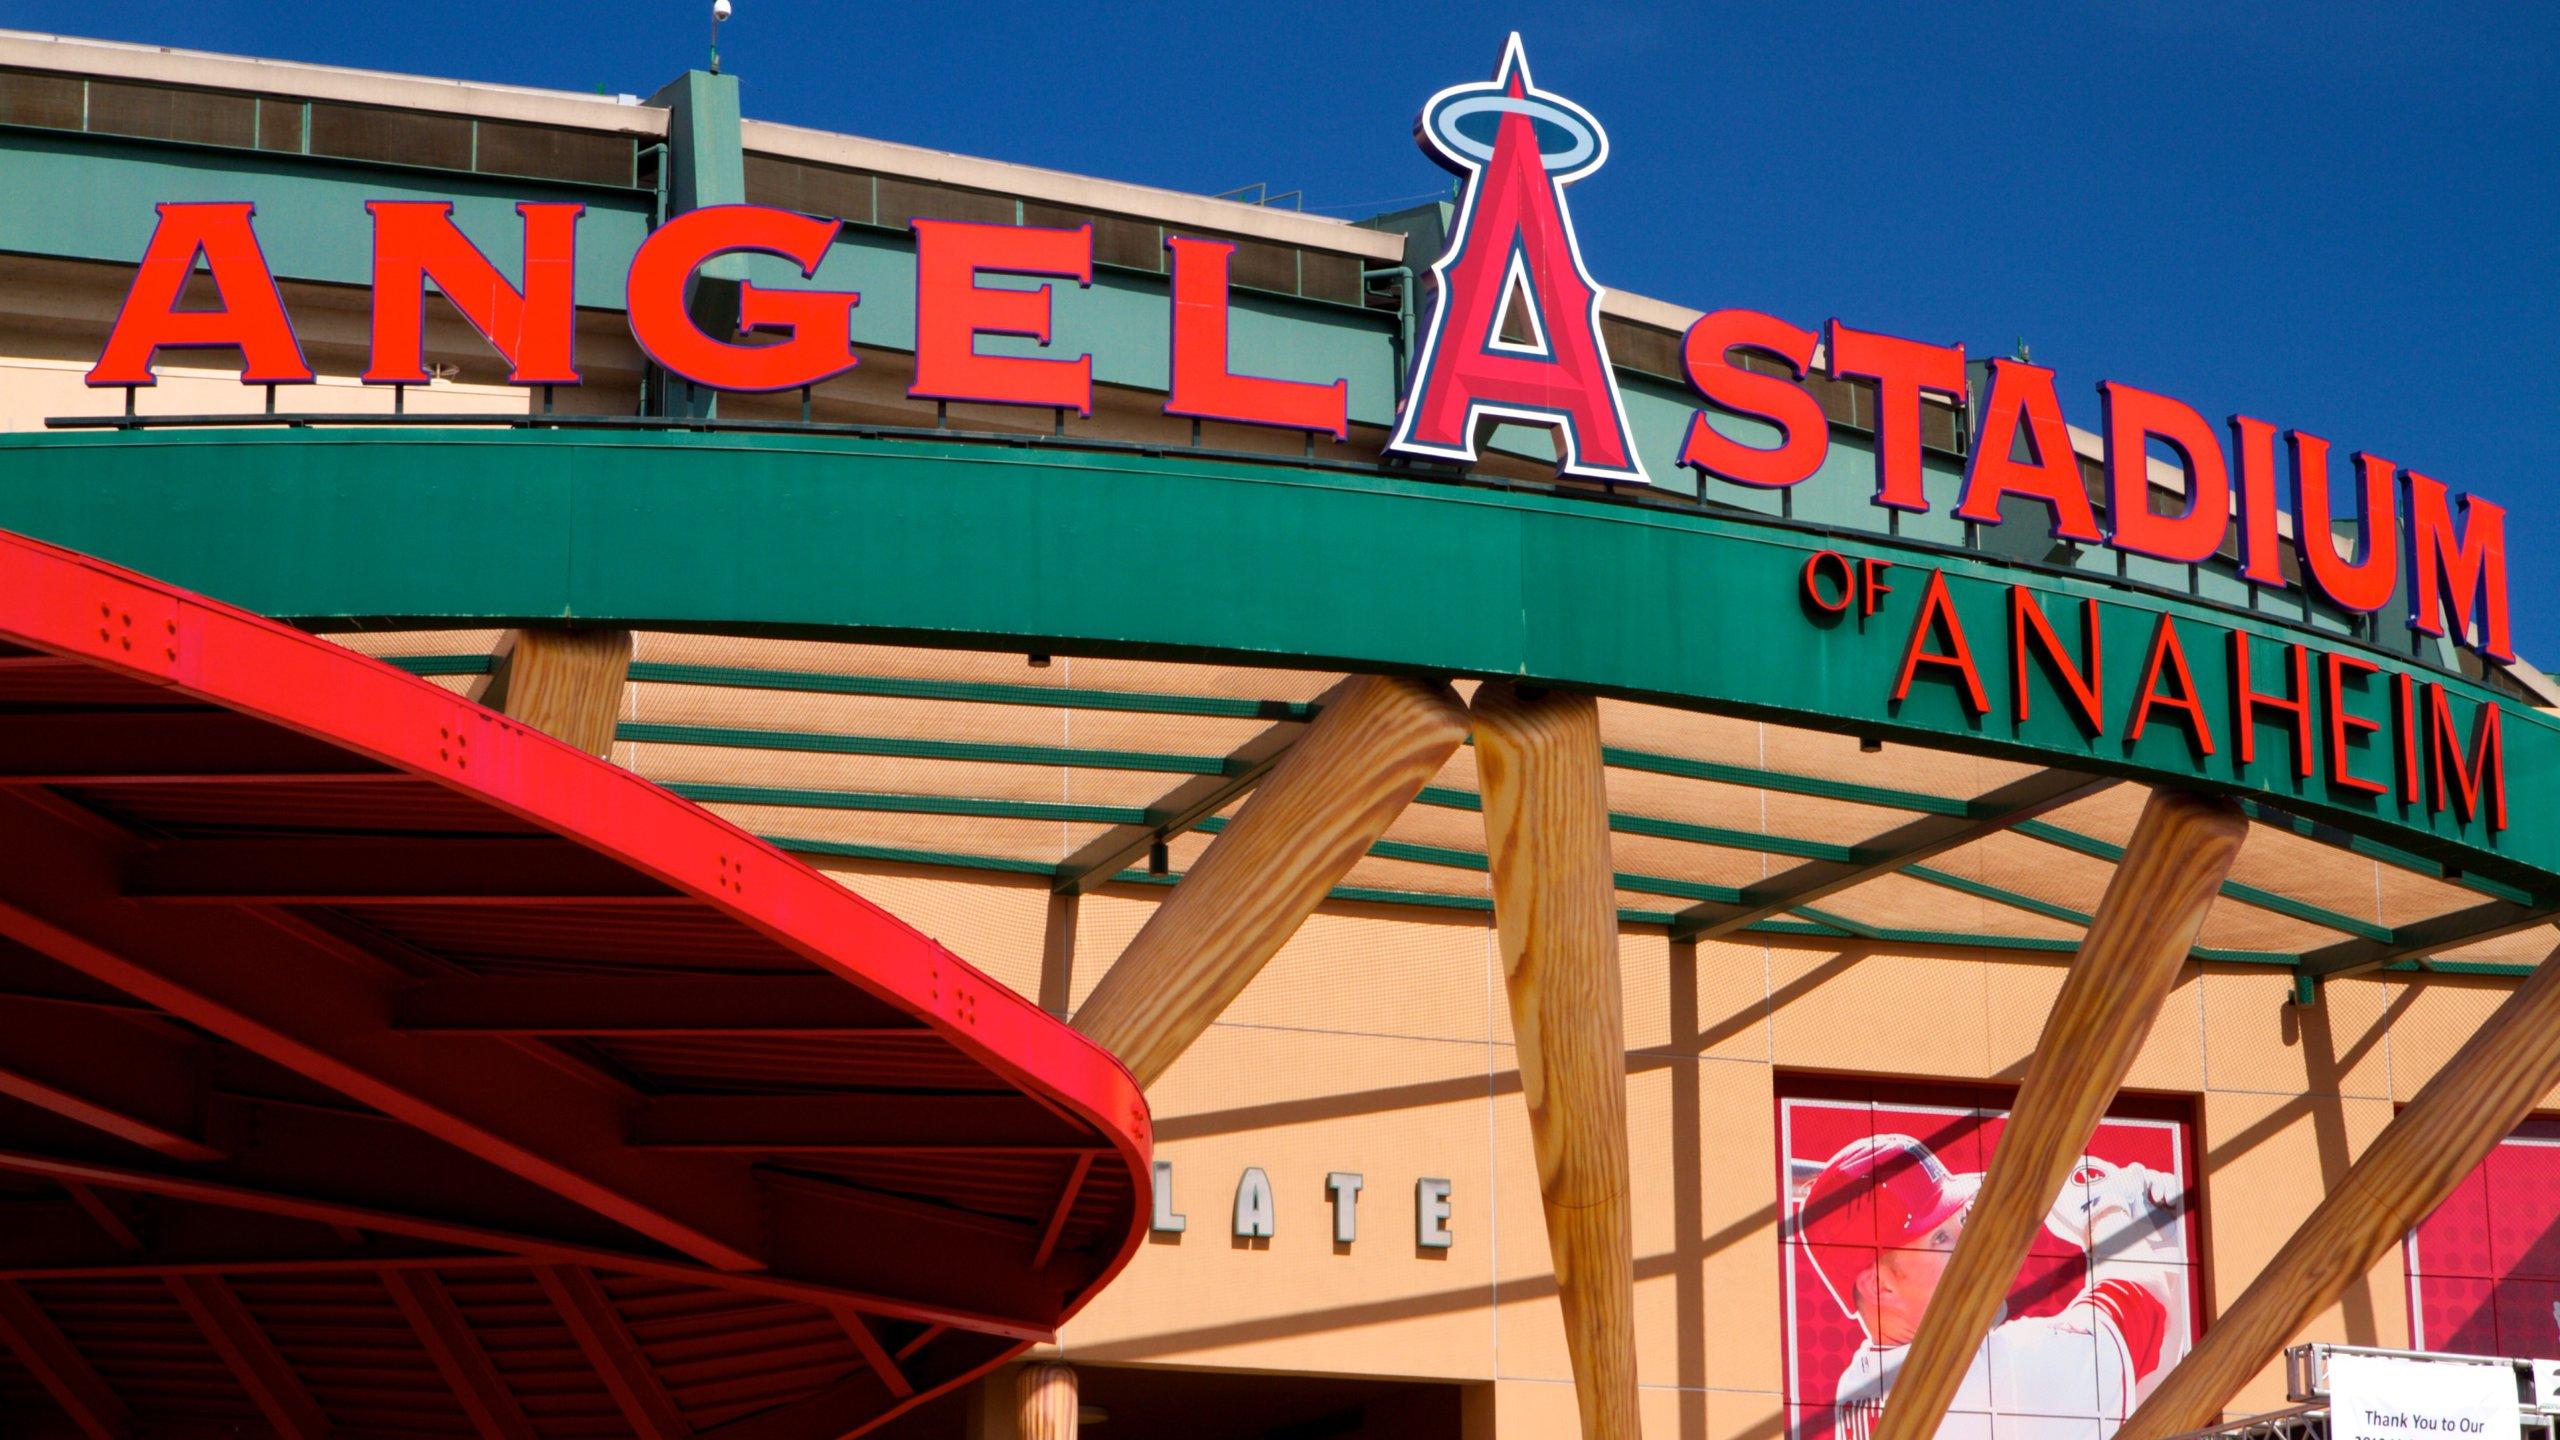 Participe de um evento em Angel Stadium of Anaheim, além de se divertir com outras atividades em Anaheim, como passeios de aventura. Descubra as opções de entretenimento e o parque de diversão nesta área ideal para famílias.